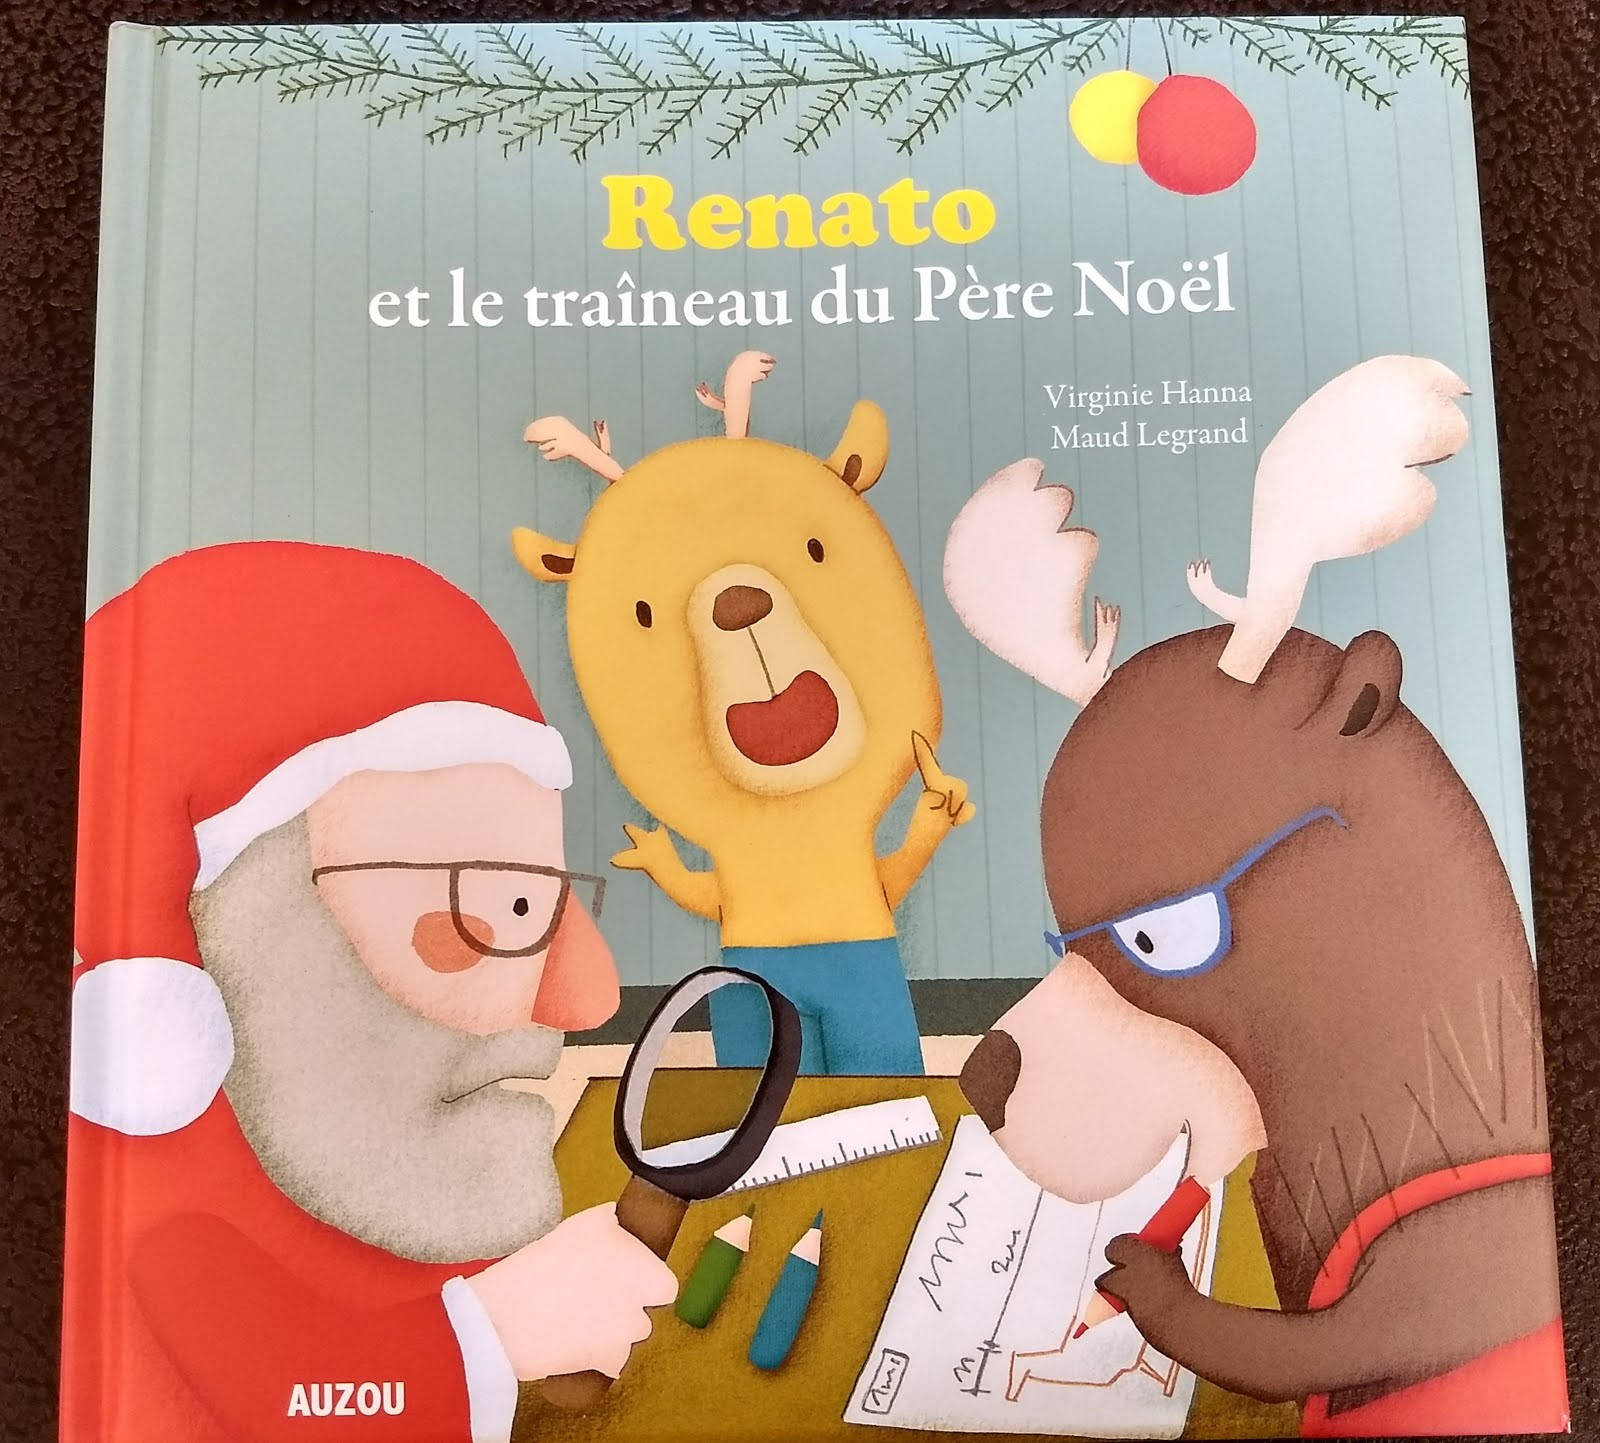 Renato et le traîneau du Père Noël